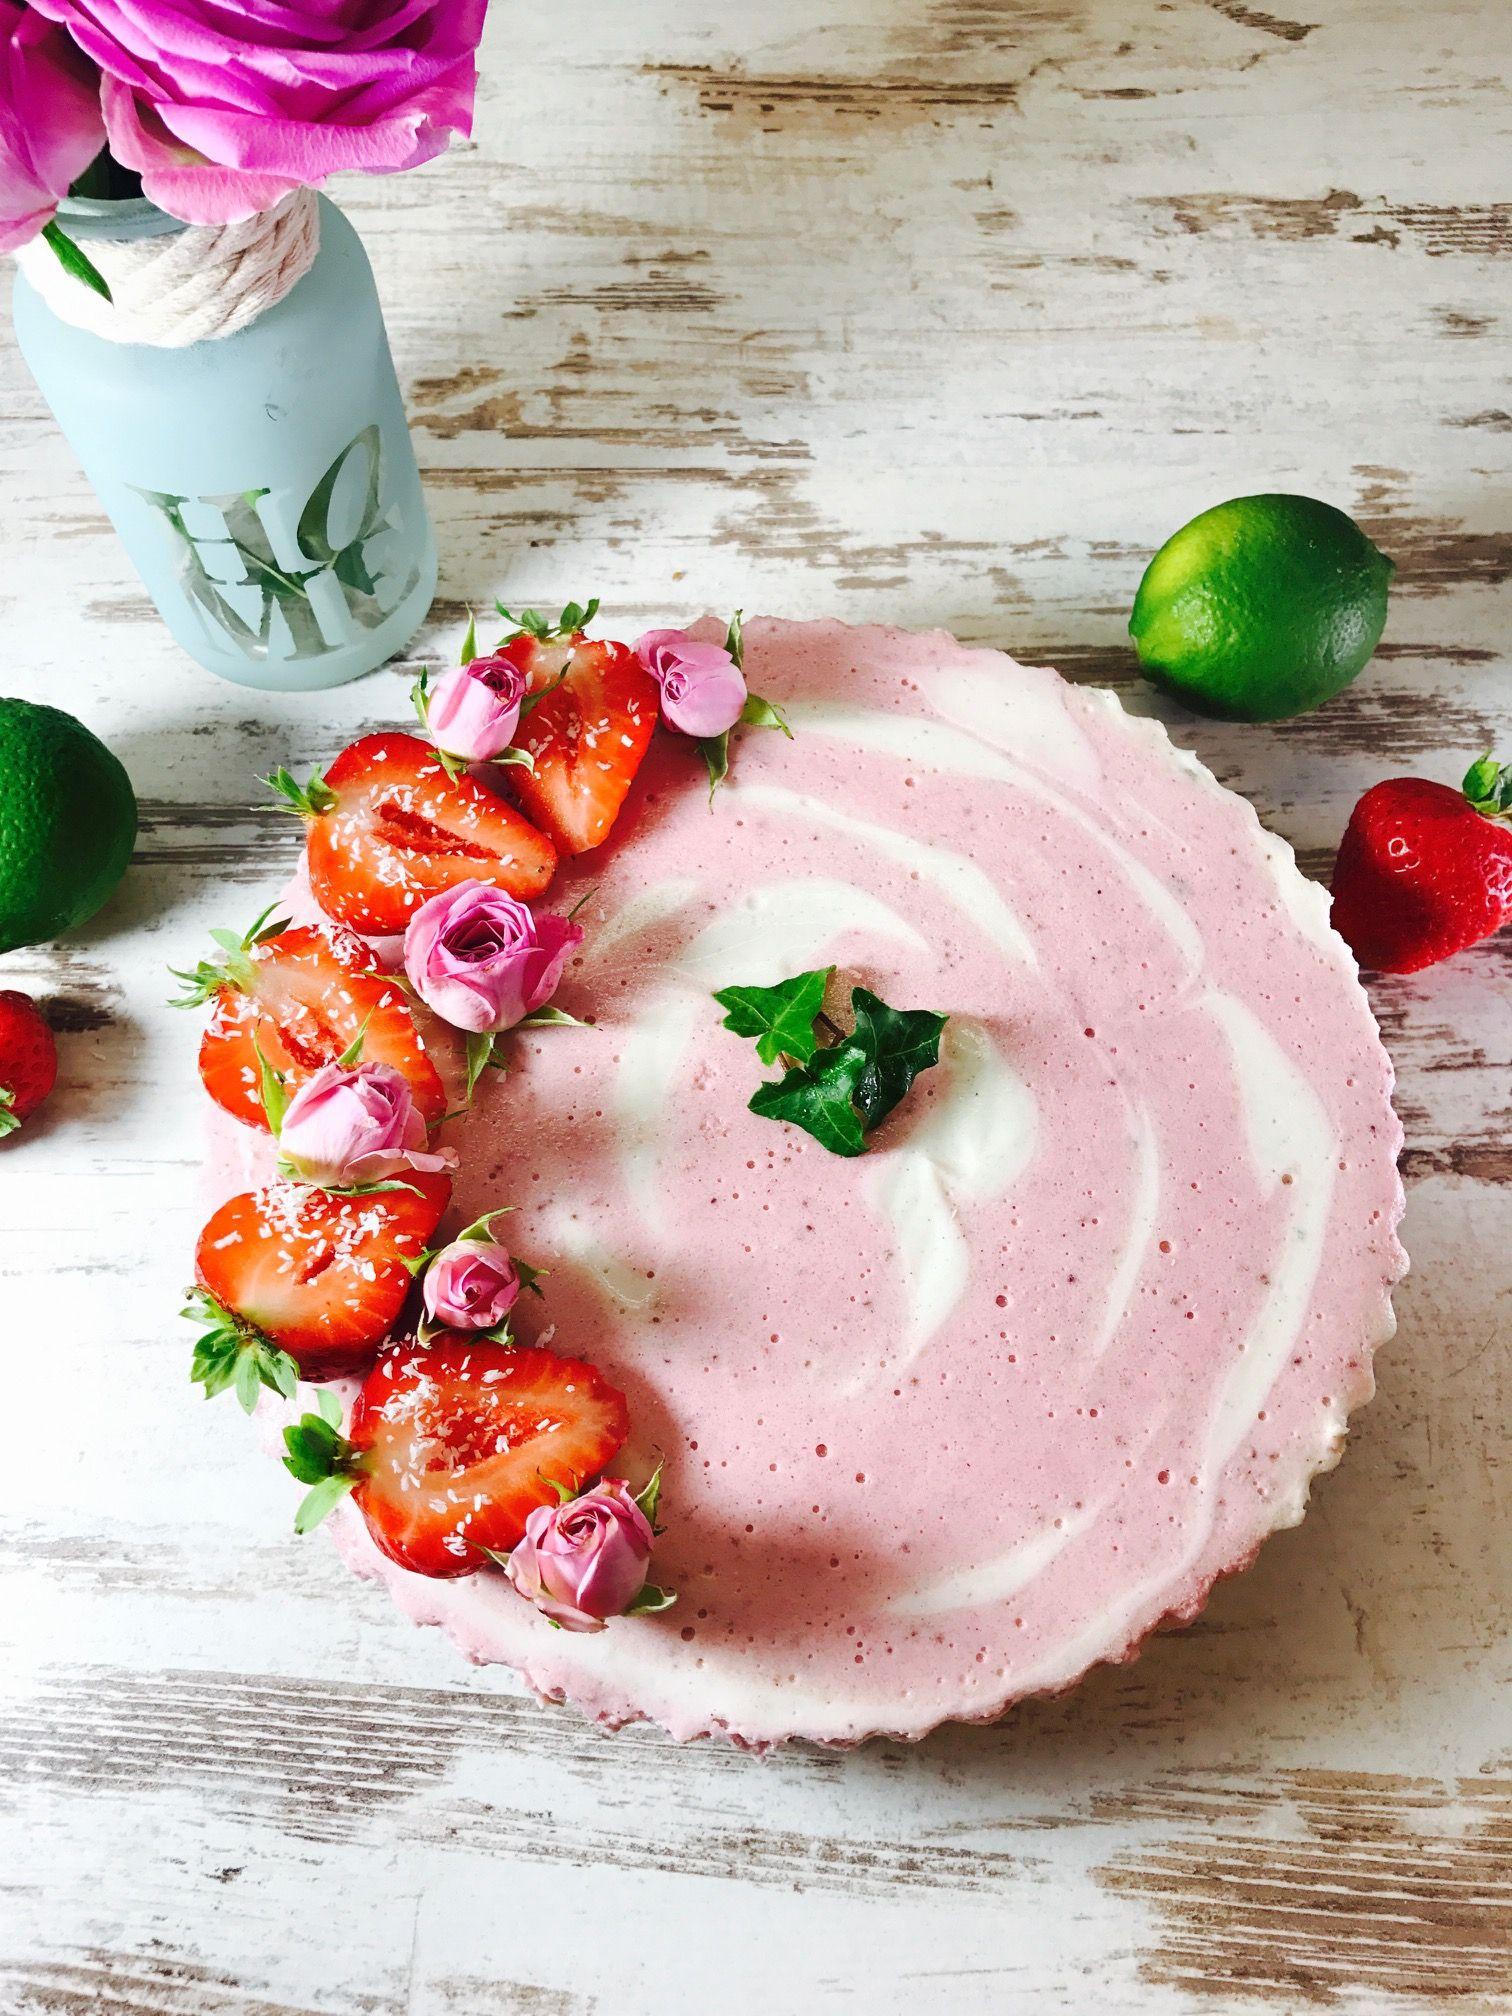 Erdbeer Quark Mandel Torte Ohne Backen Torte Ohne Backen Backen Ohne Zucker Lebensmittel Essen